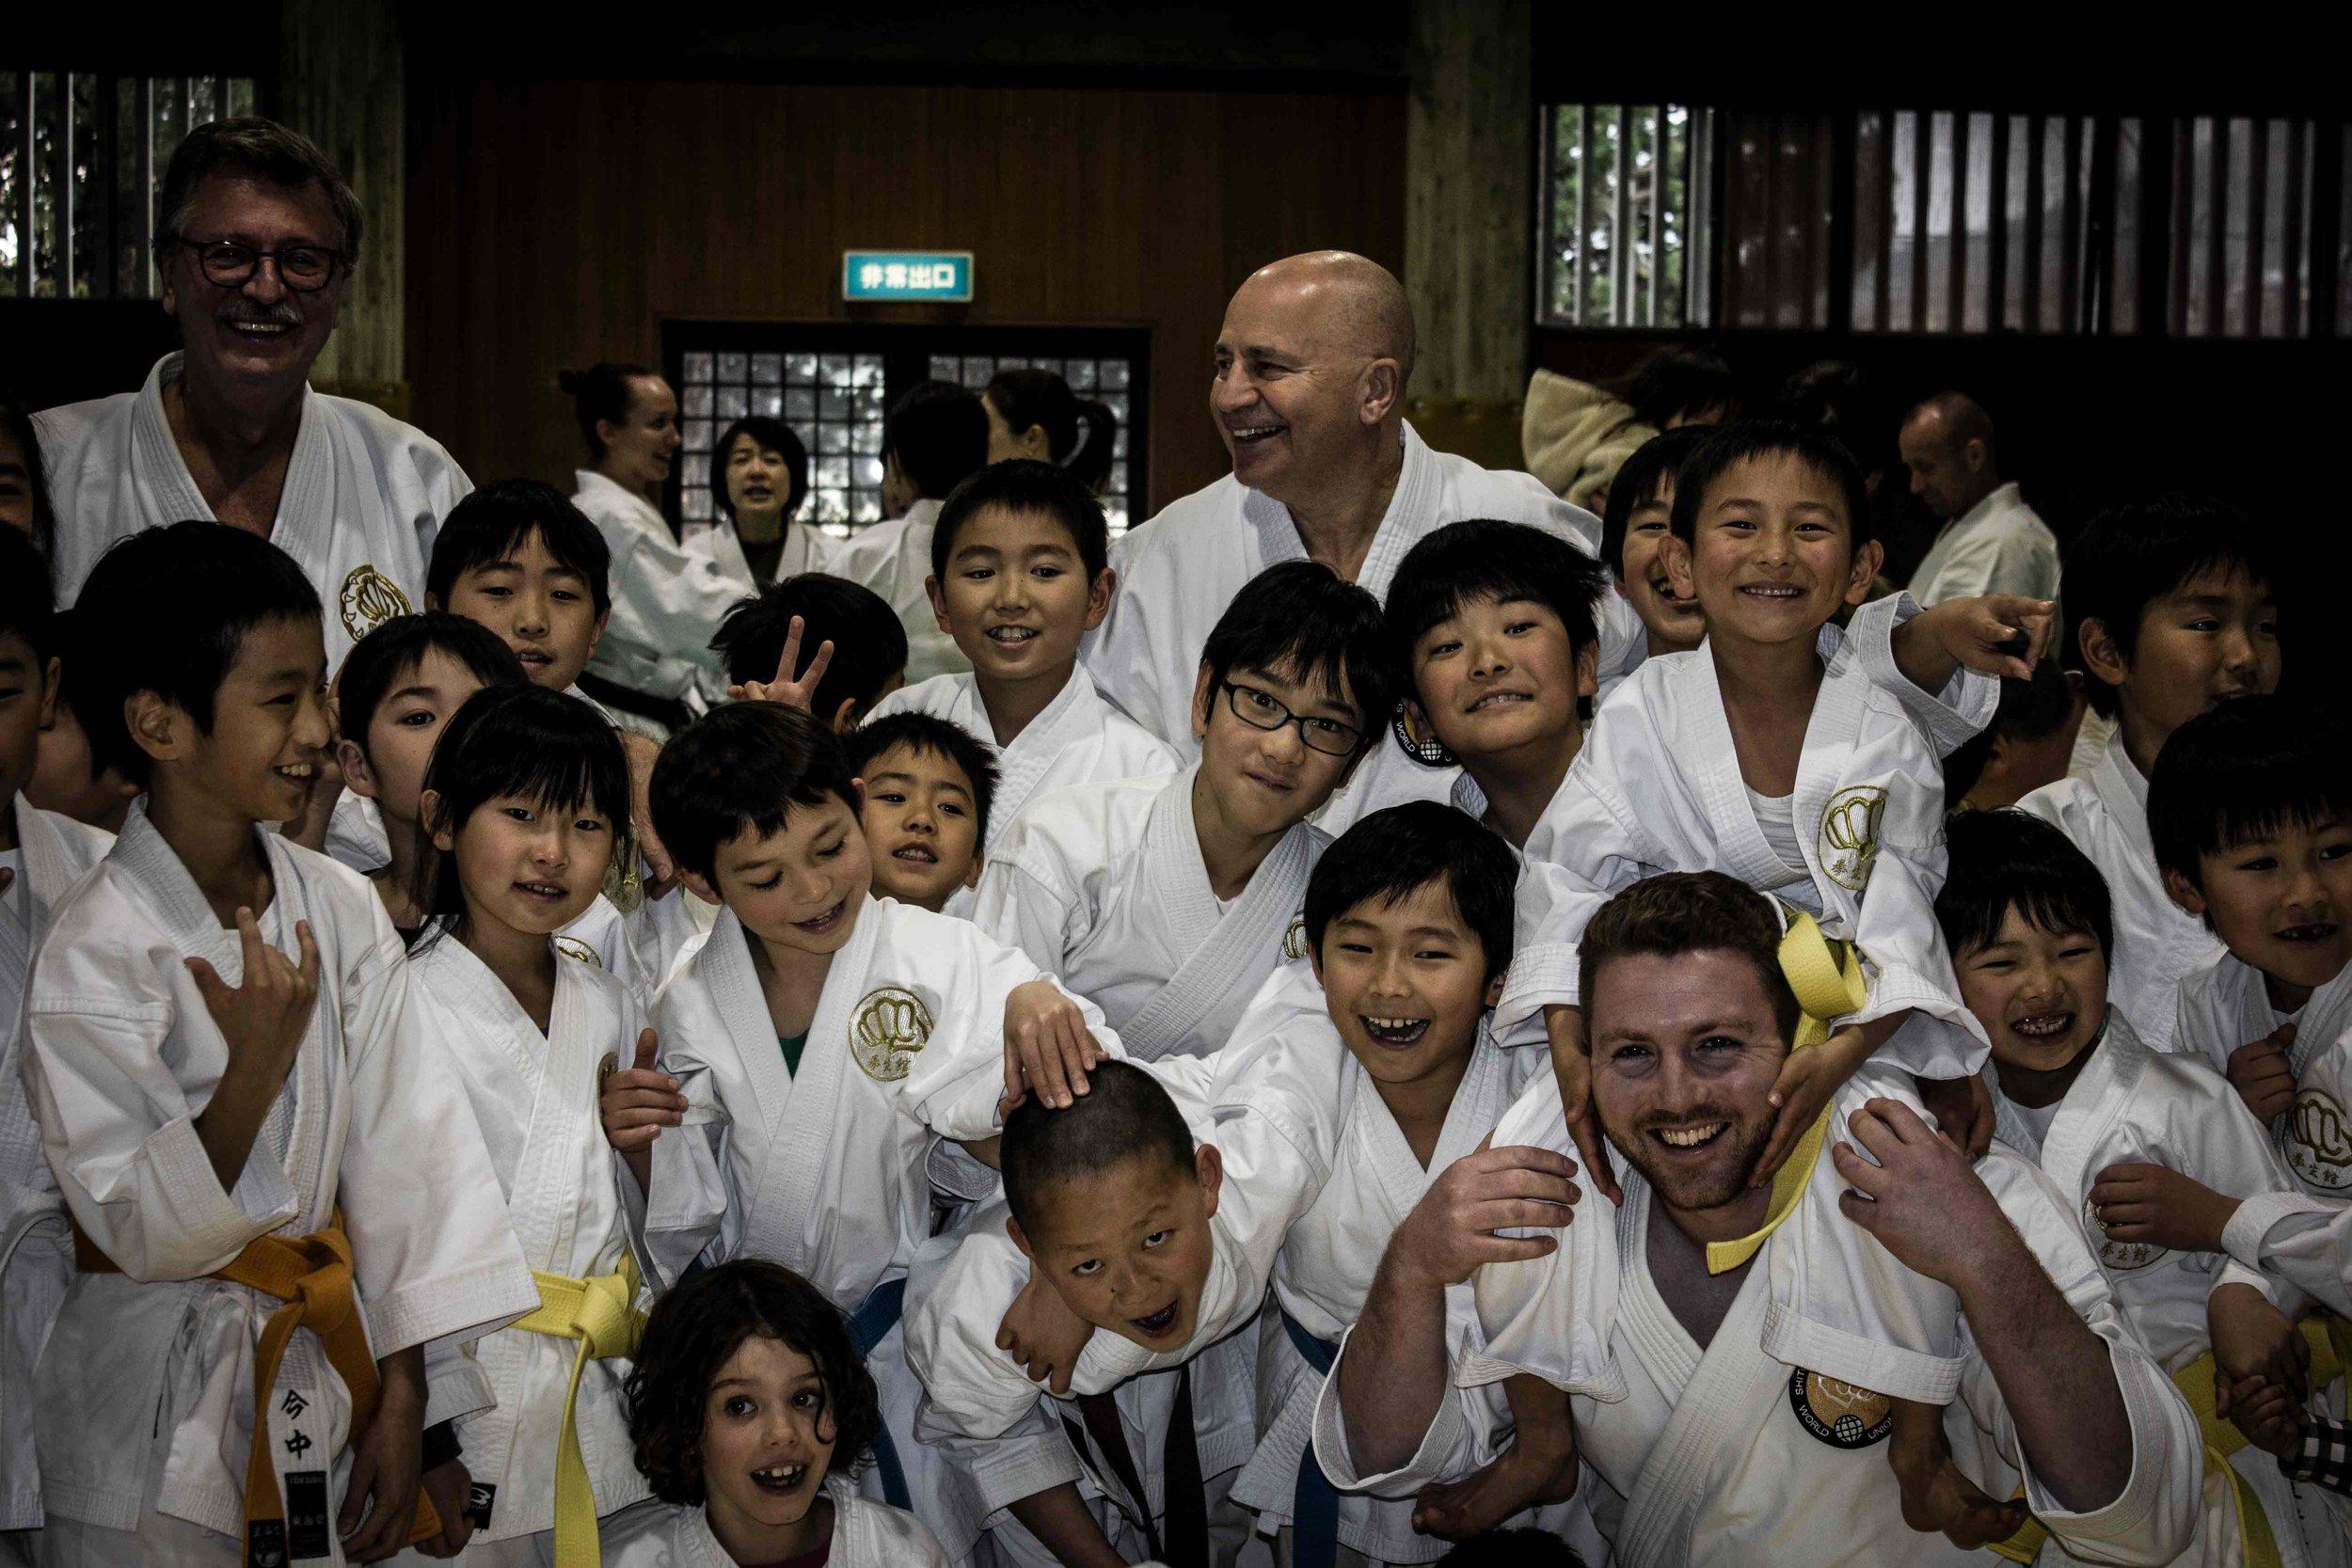 karatekids03.jpg